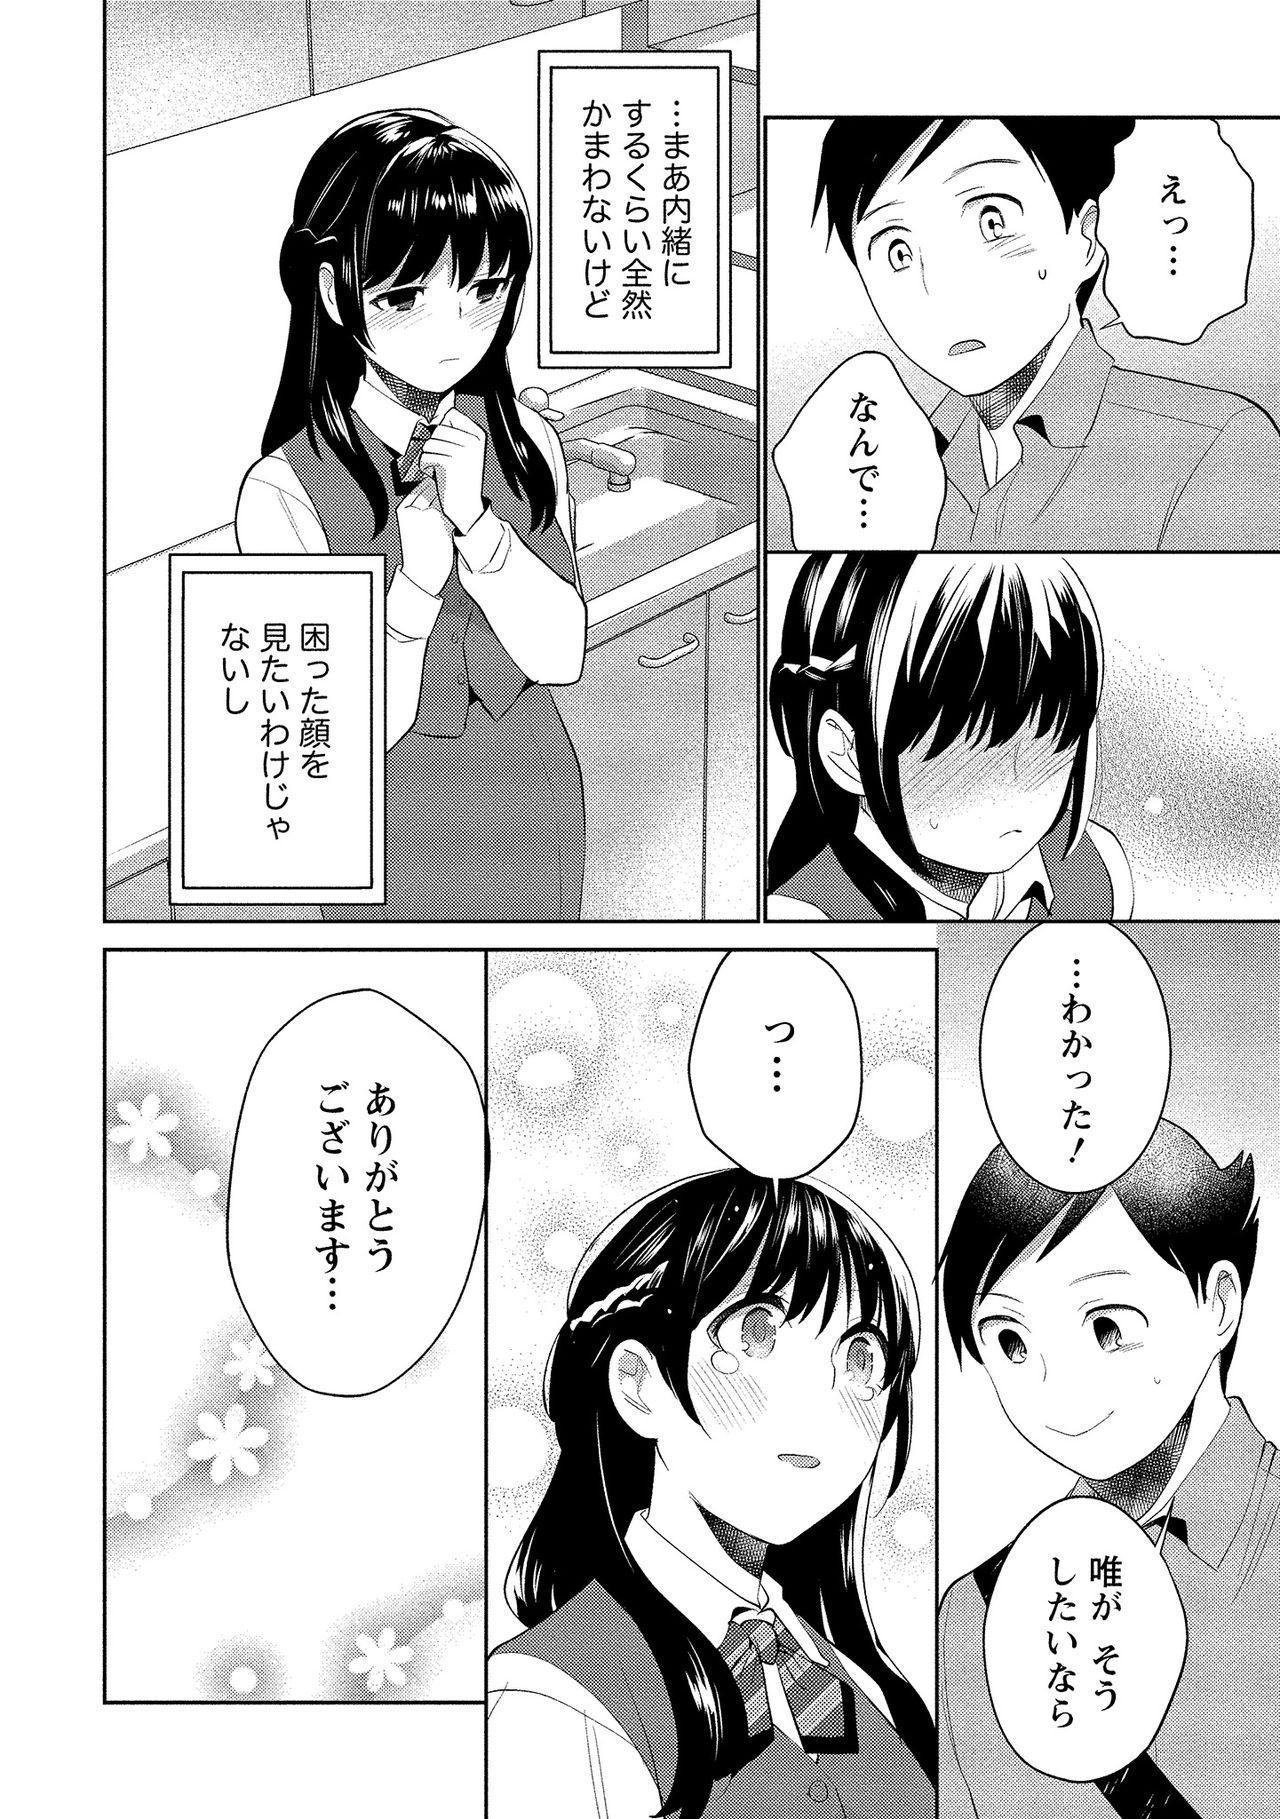 Dorobou Neko wa Kanojo no Hajimari 48